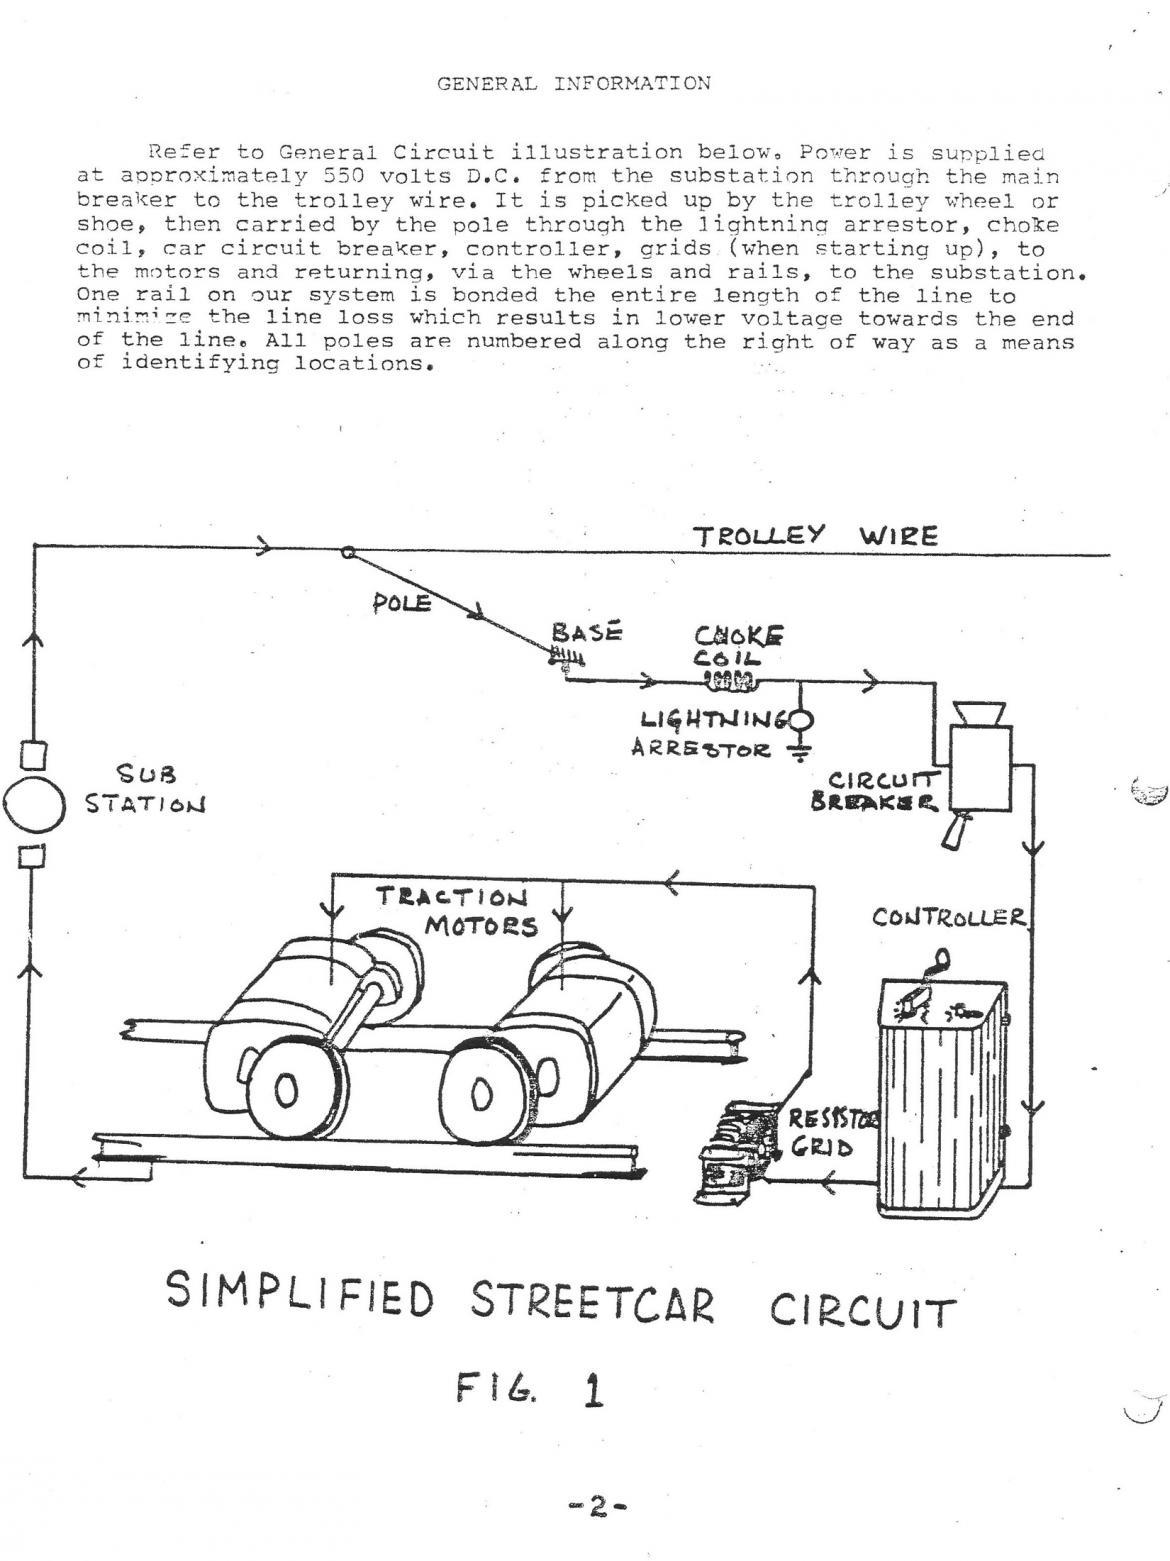 Trolley operation diagram